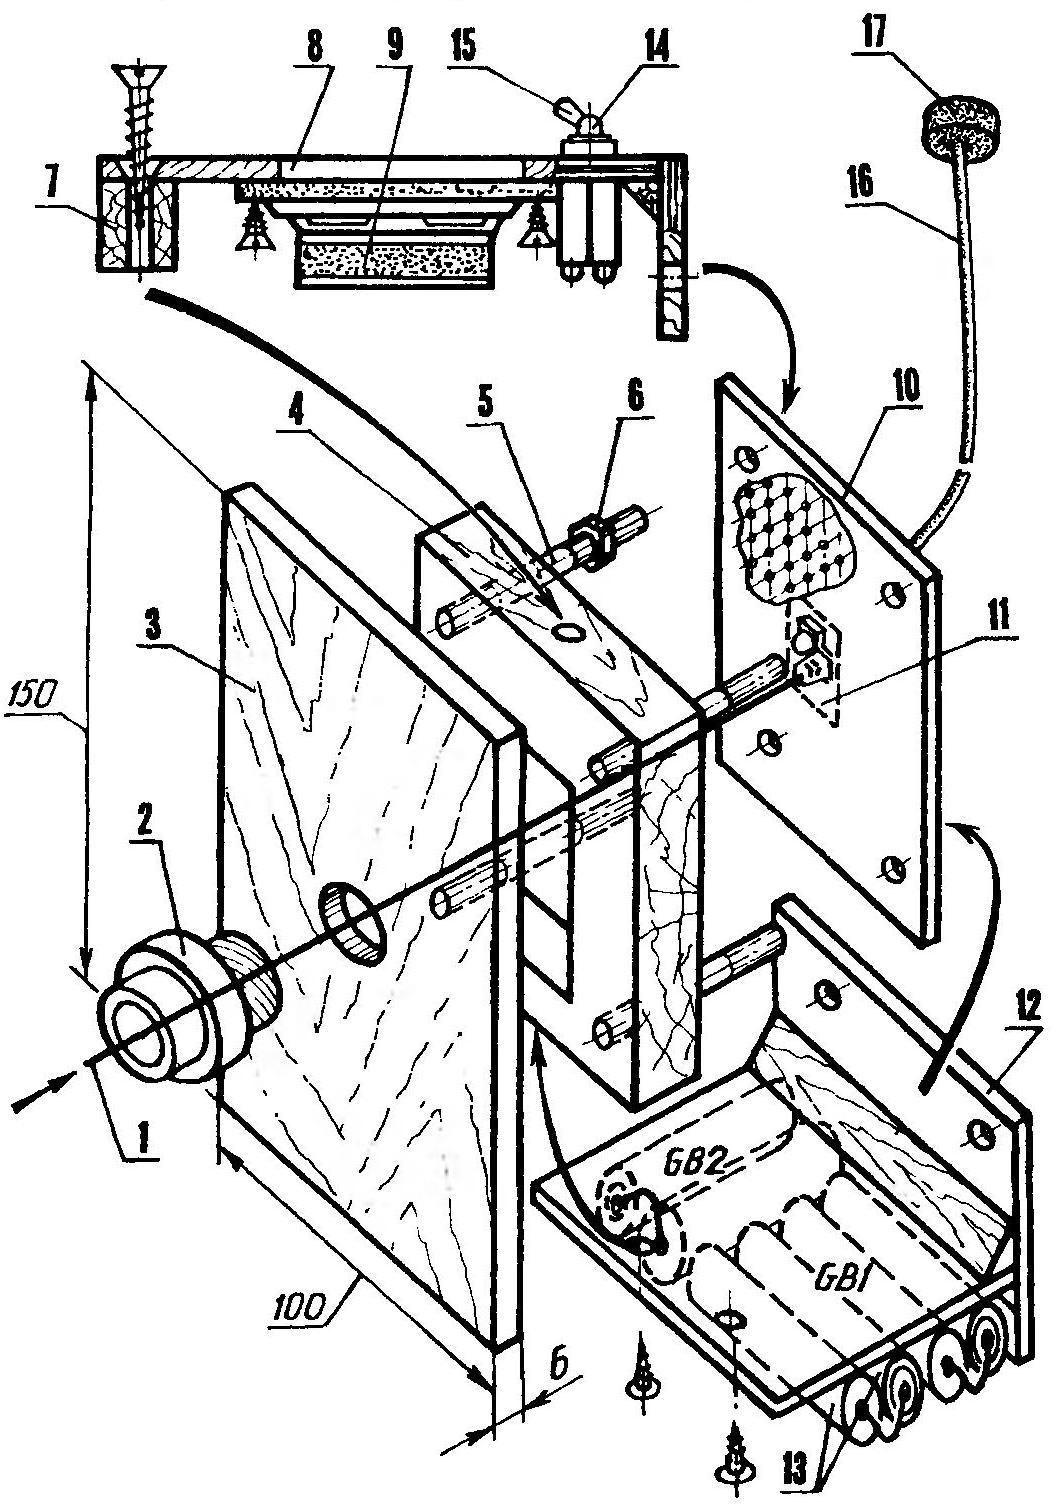 Optical-mechanical unit